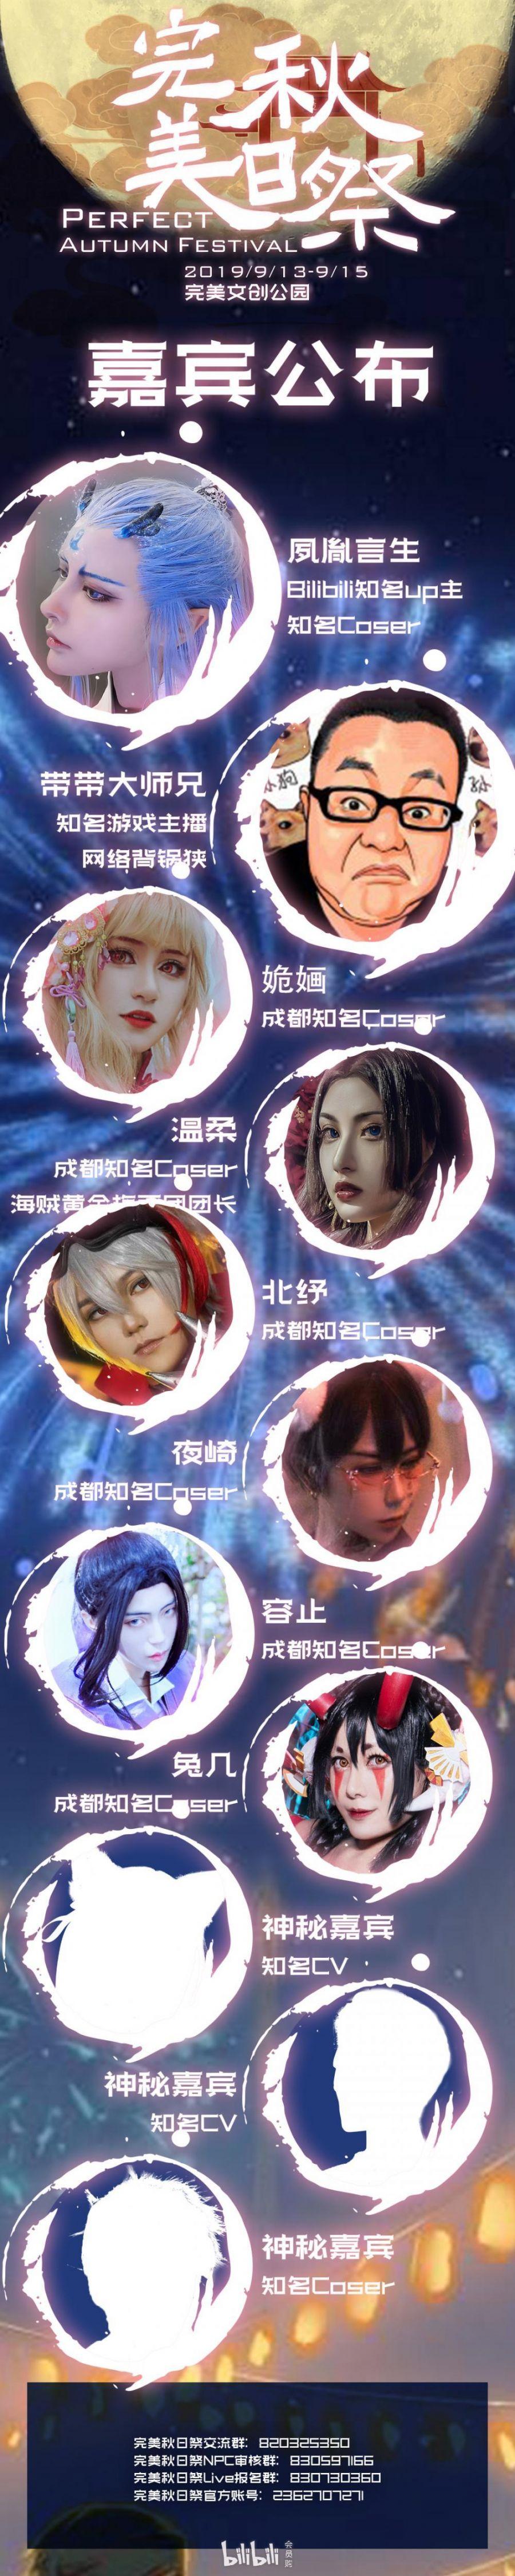 2019成都完美秋日祭(时间+地点++门票+嘉宾)